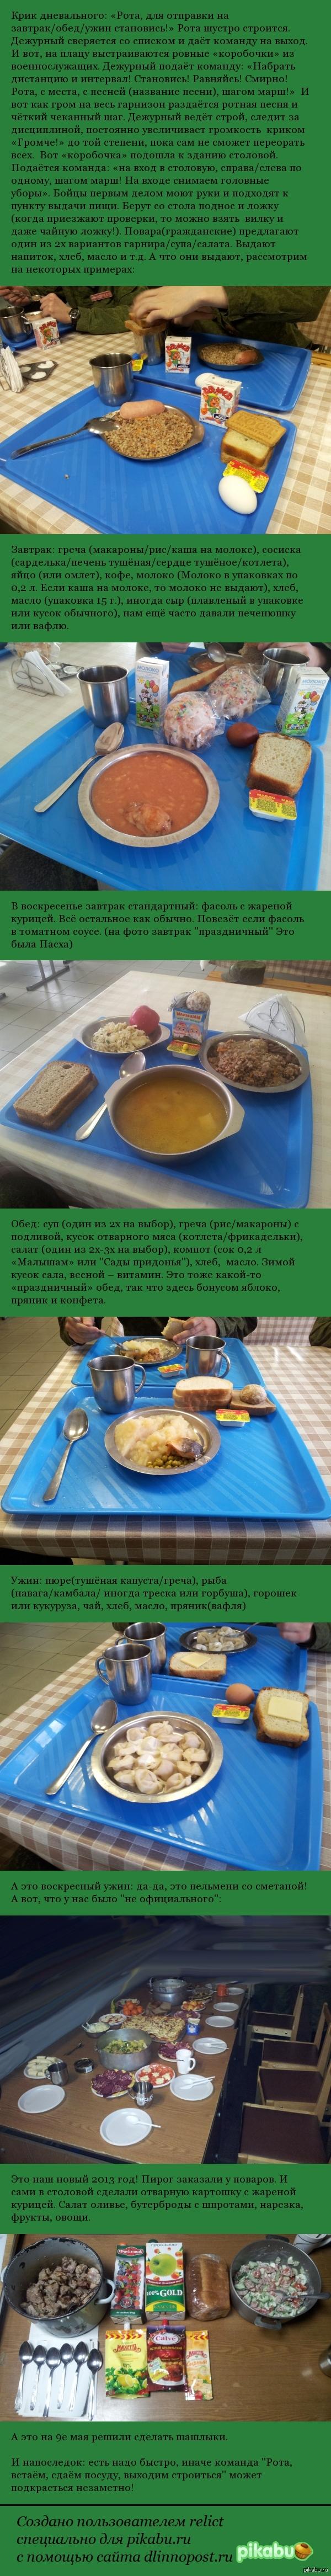 Завтрак, обед и ужин русского солдата Вспомнил армию, решил поделиться. Внимание, длиннопост!